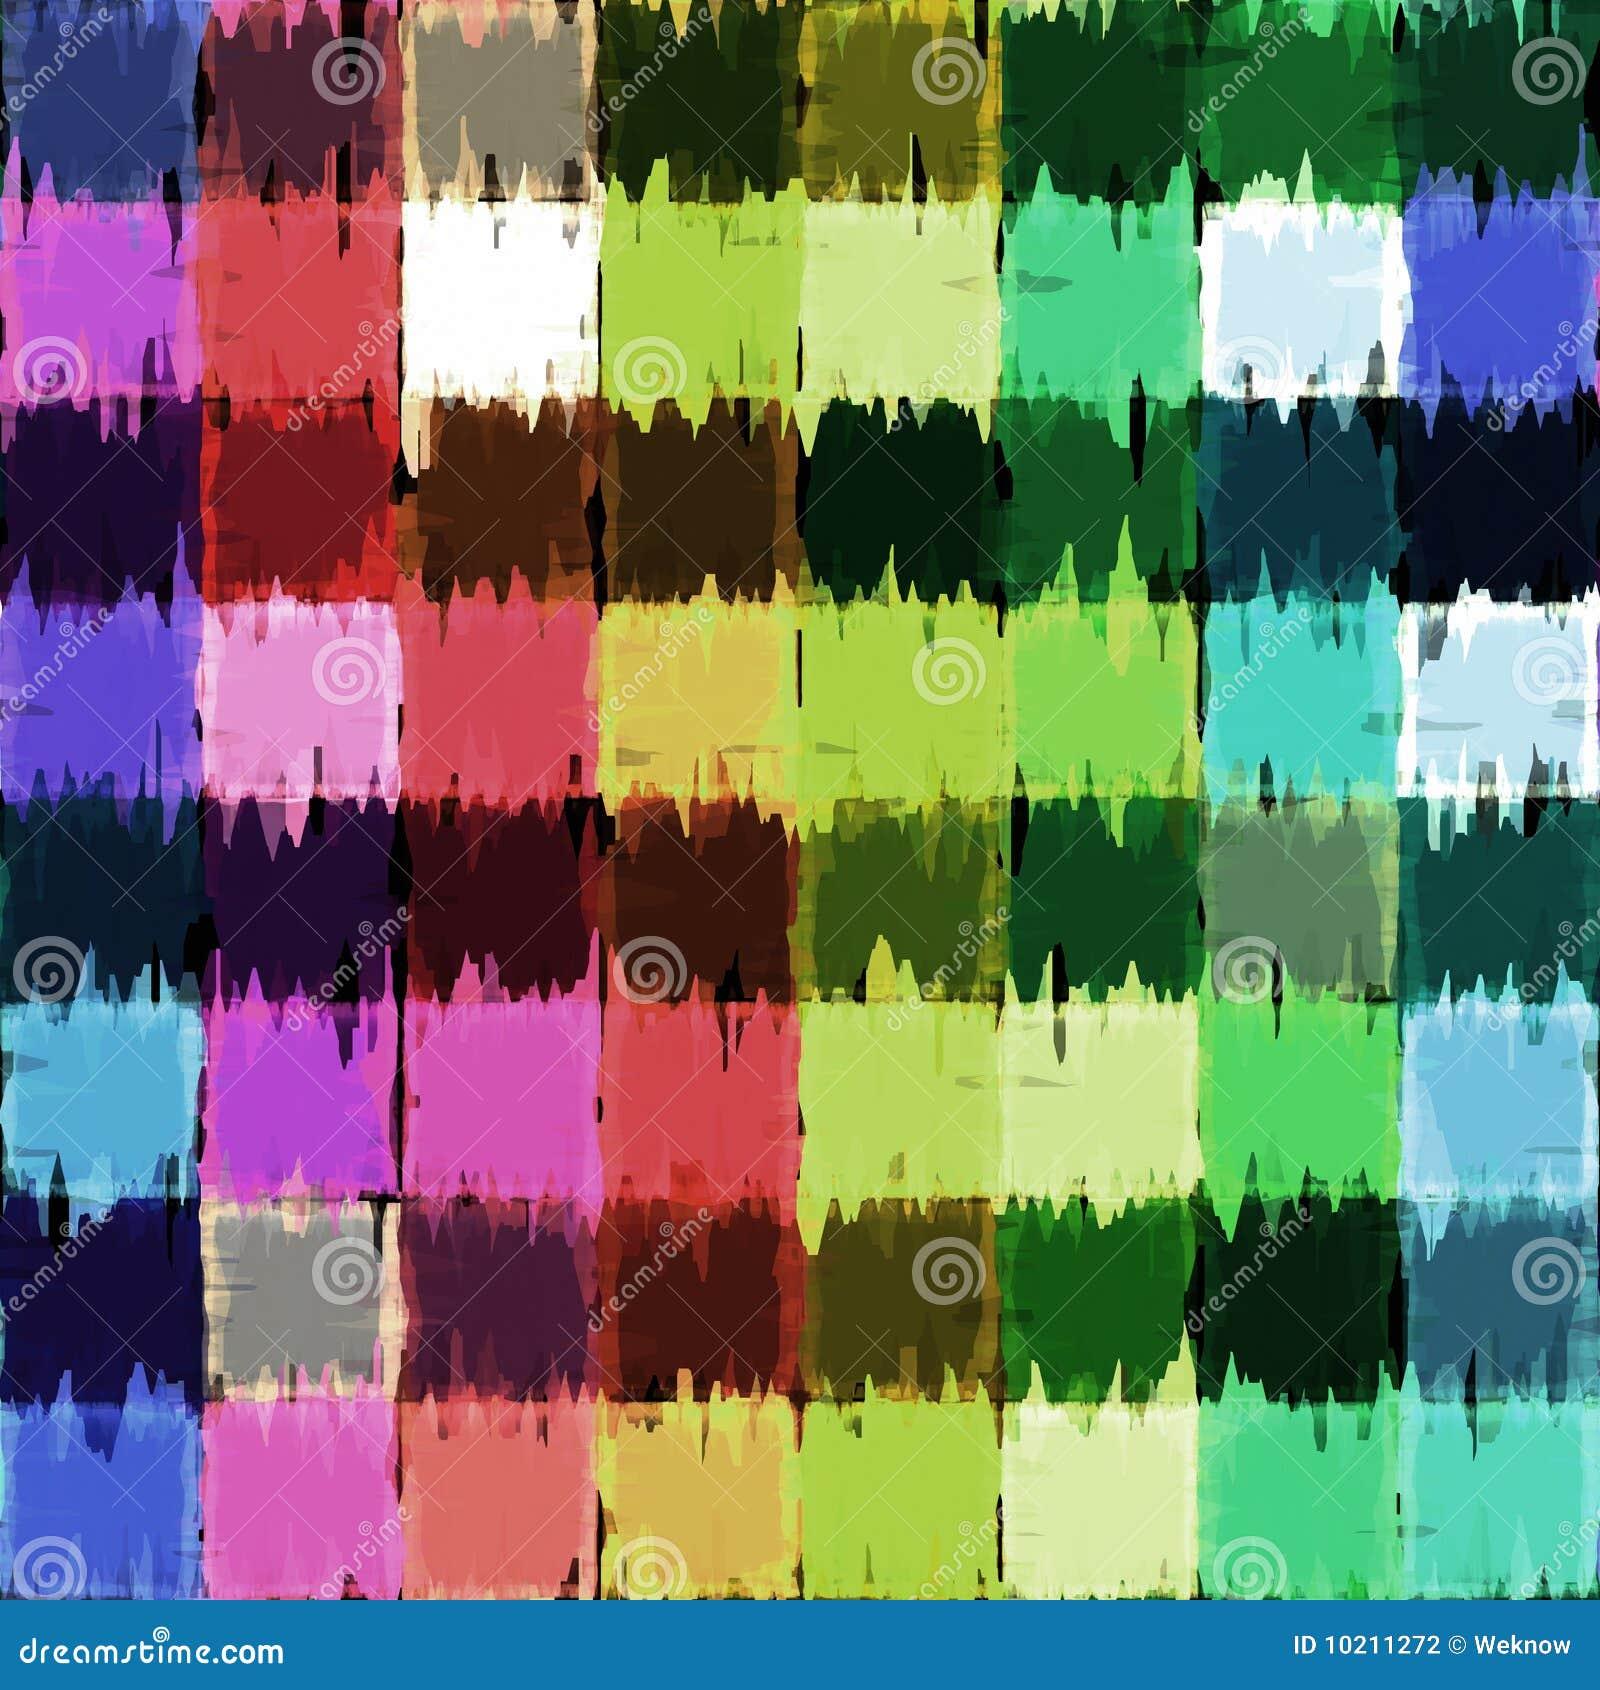 Grunge blocks canvas